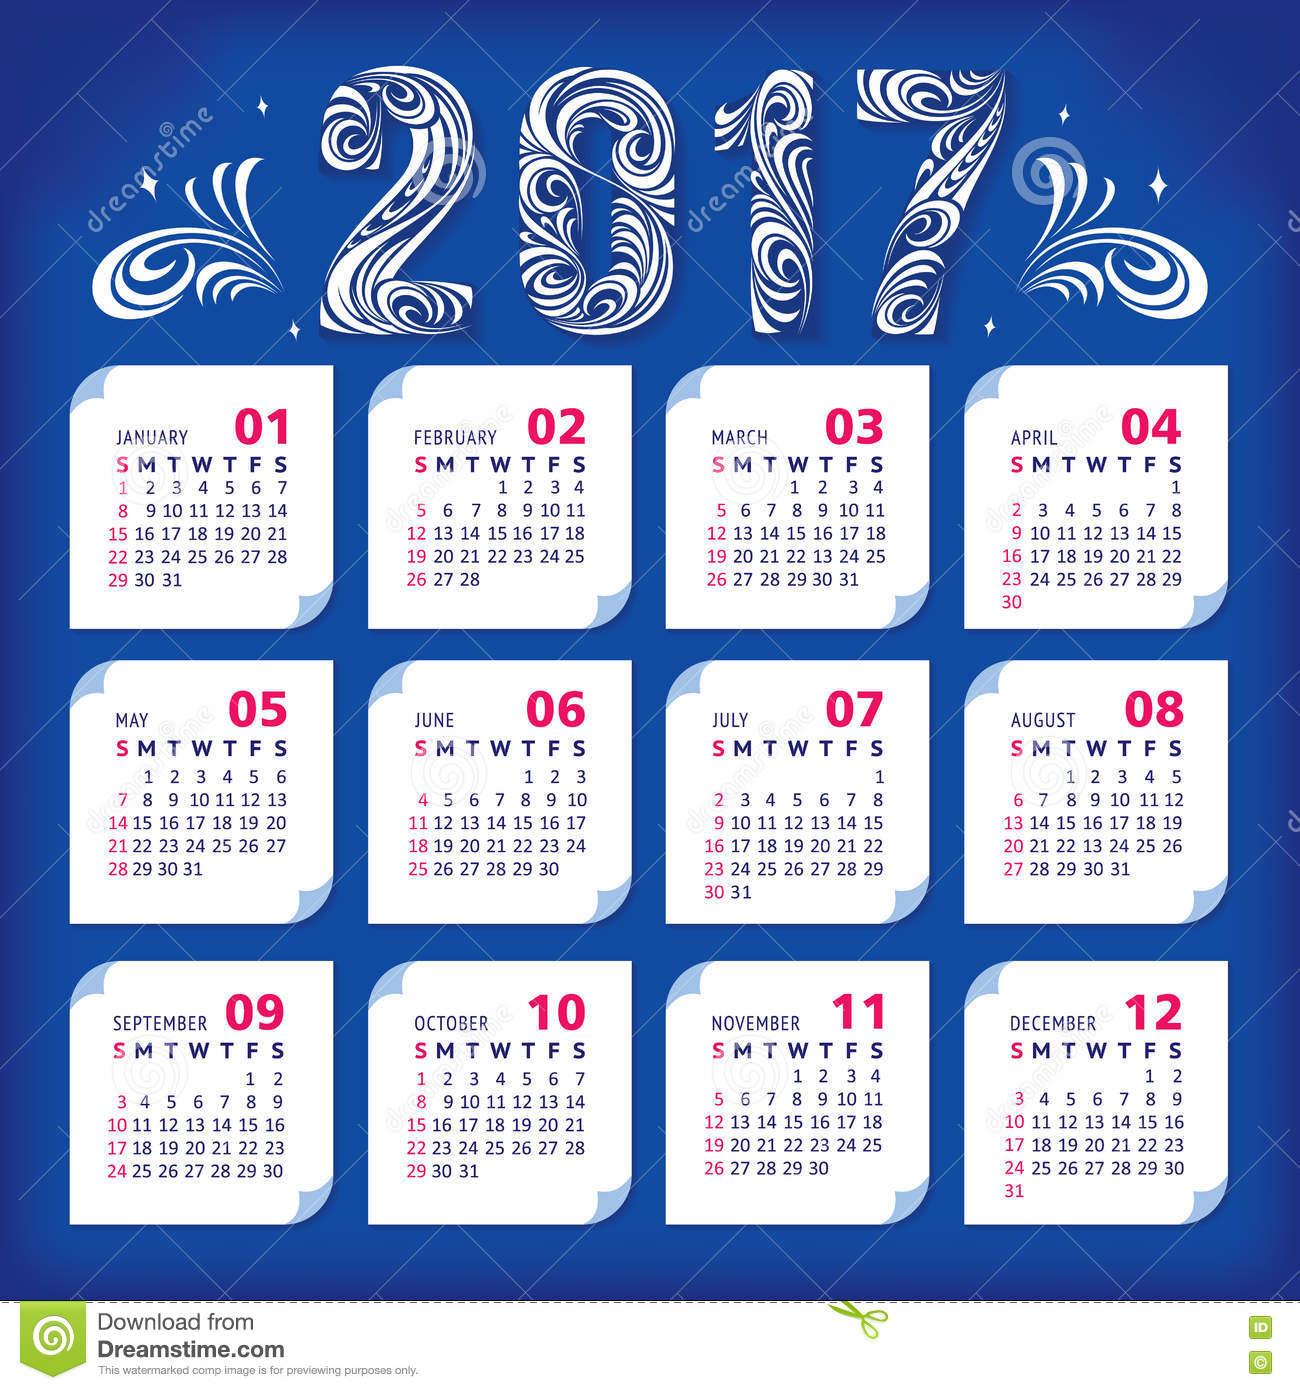 Calendrier 2017 Stylisé Illustration De Vecteur destiné Calendrier 2017 En Ligne